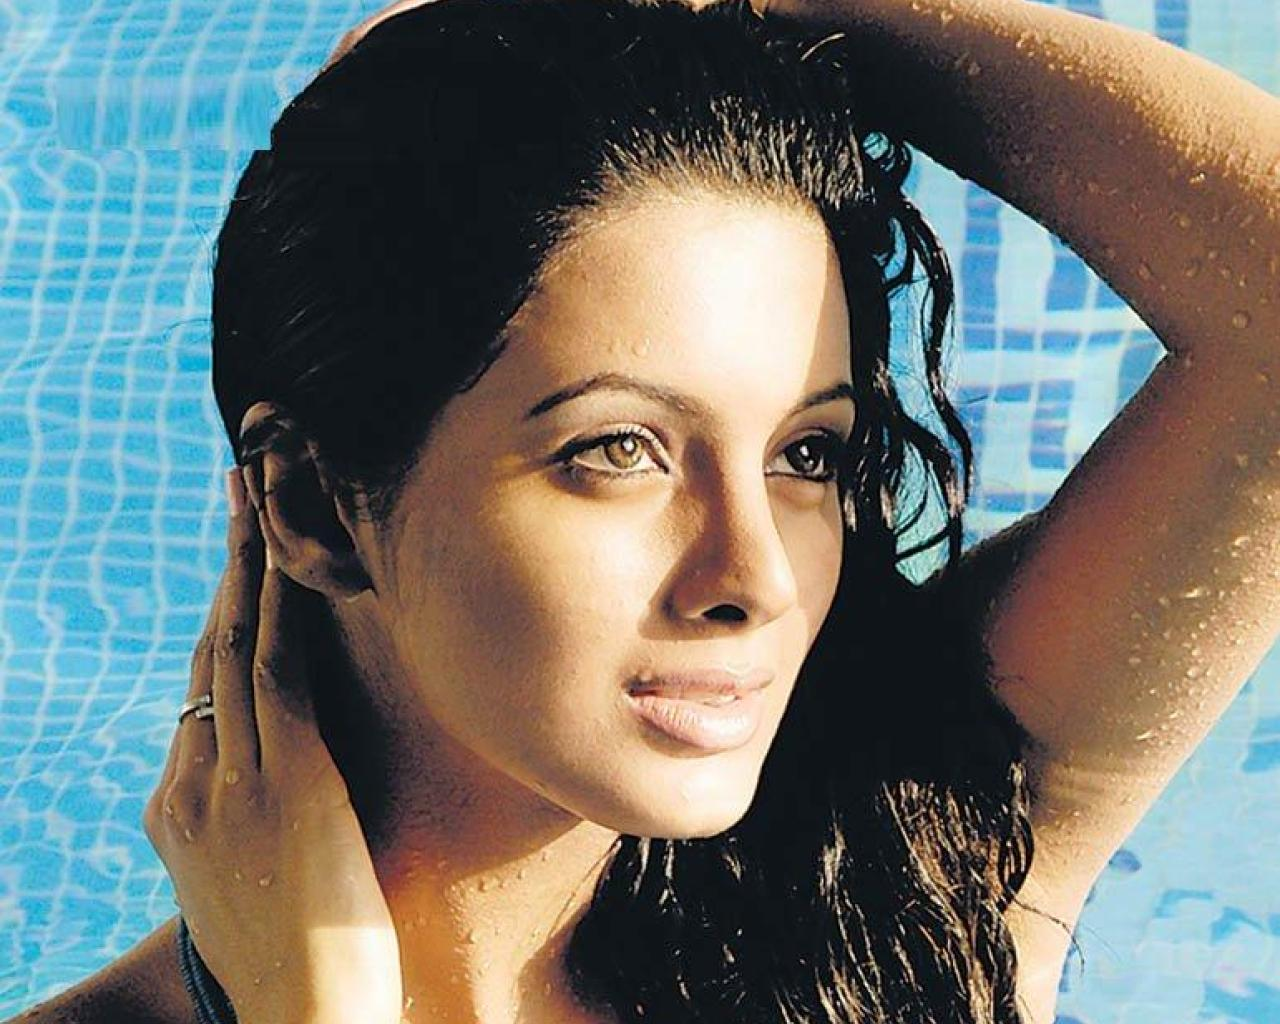 http://3.bp.blogspot.com/-DUuRxDDpdxw/TZ_SLpra8gI/AAAAAAAAAMs/8tsM2to-BhA/s1600/Geeta_Basra_Hot_Wallpapers_2.jpg